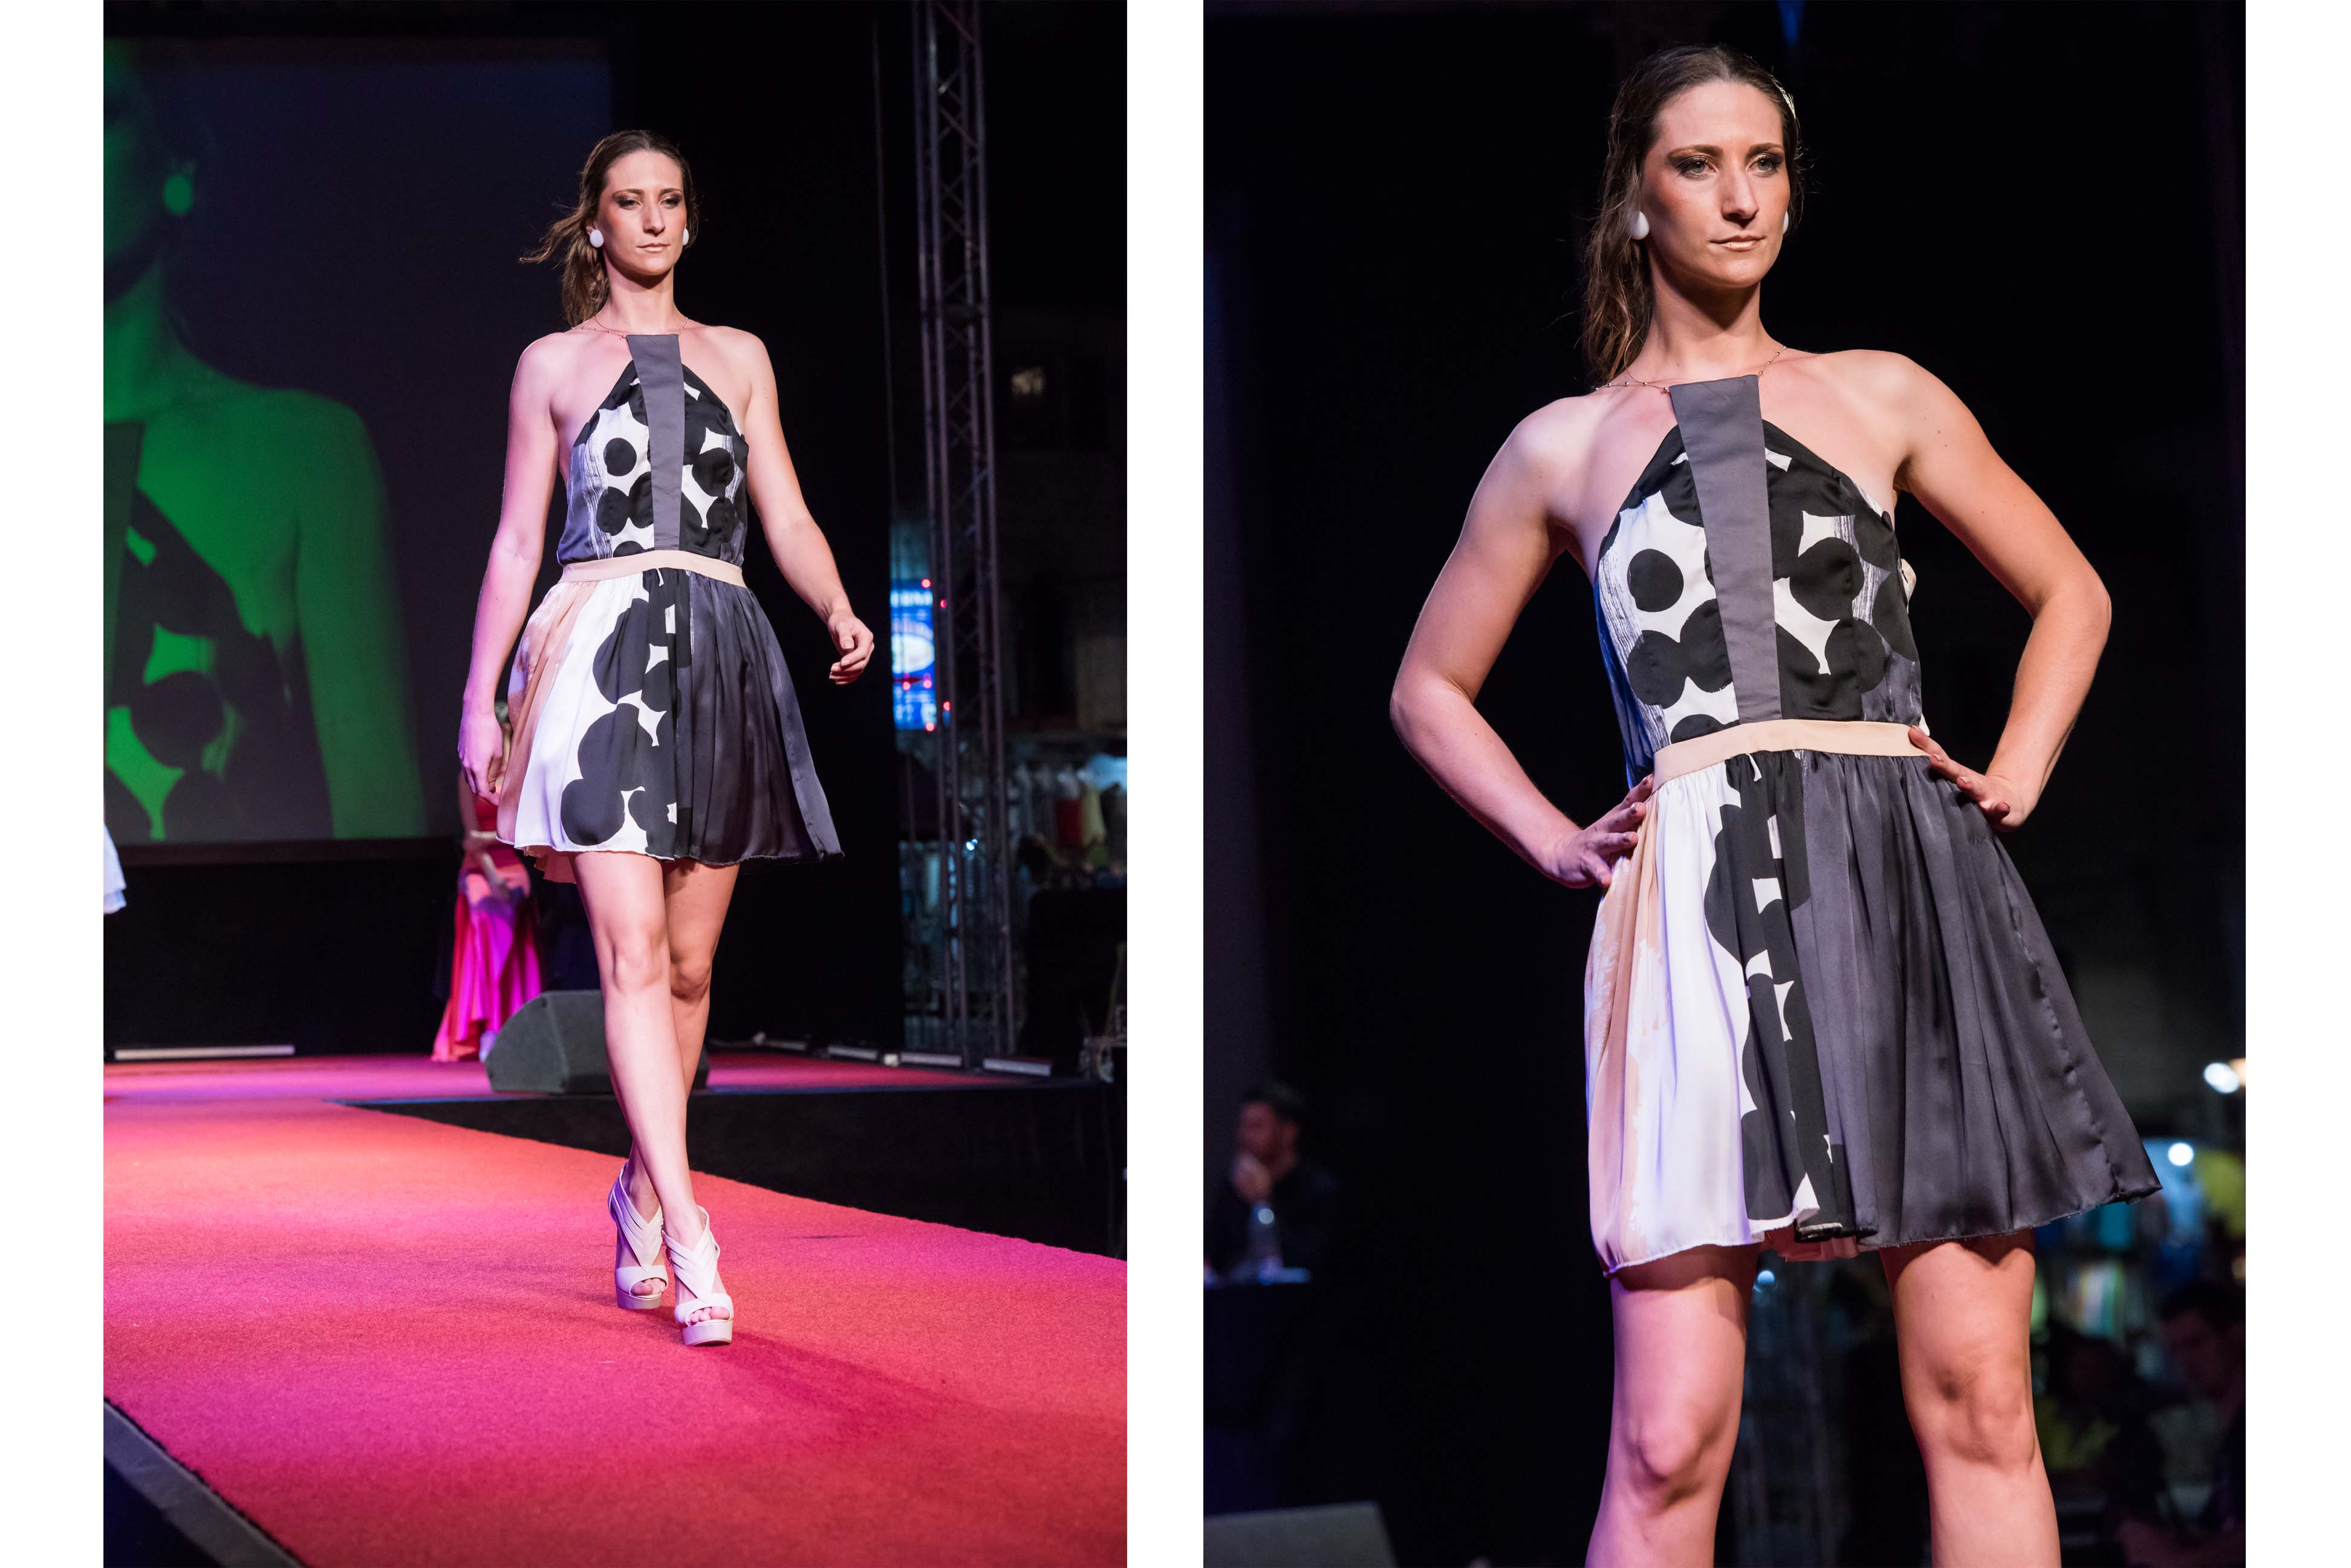 Umag Fashion Night 2015 - Anima M. 2